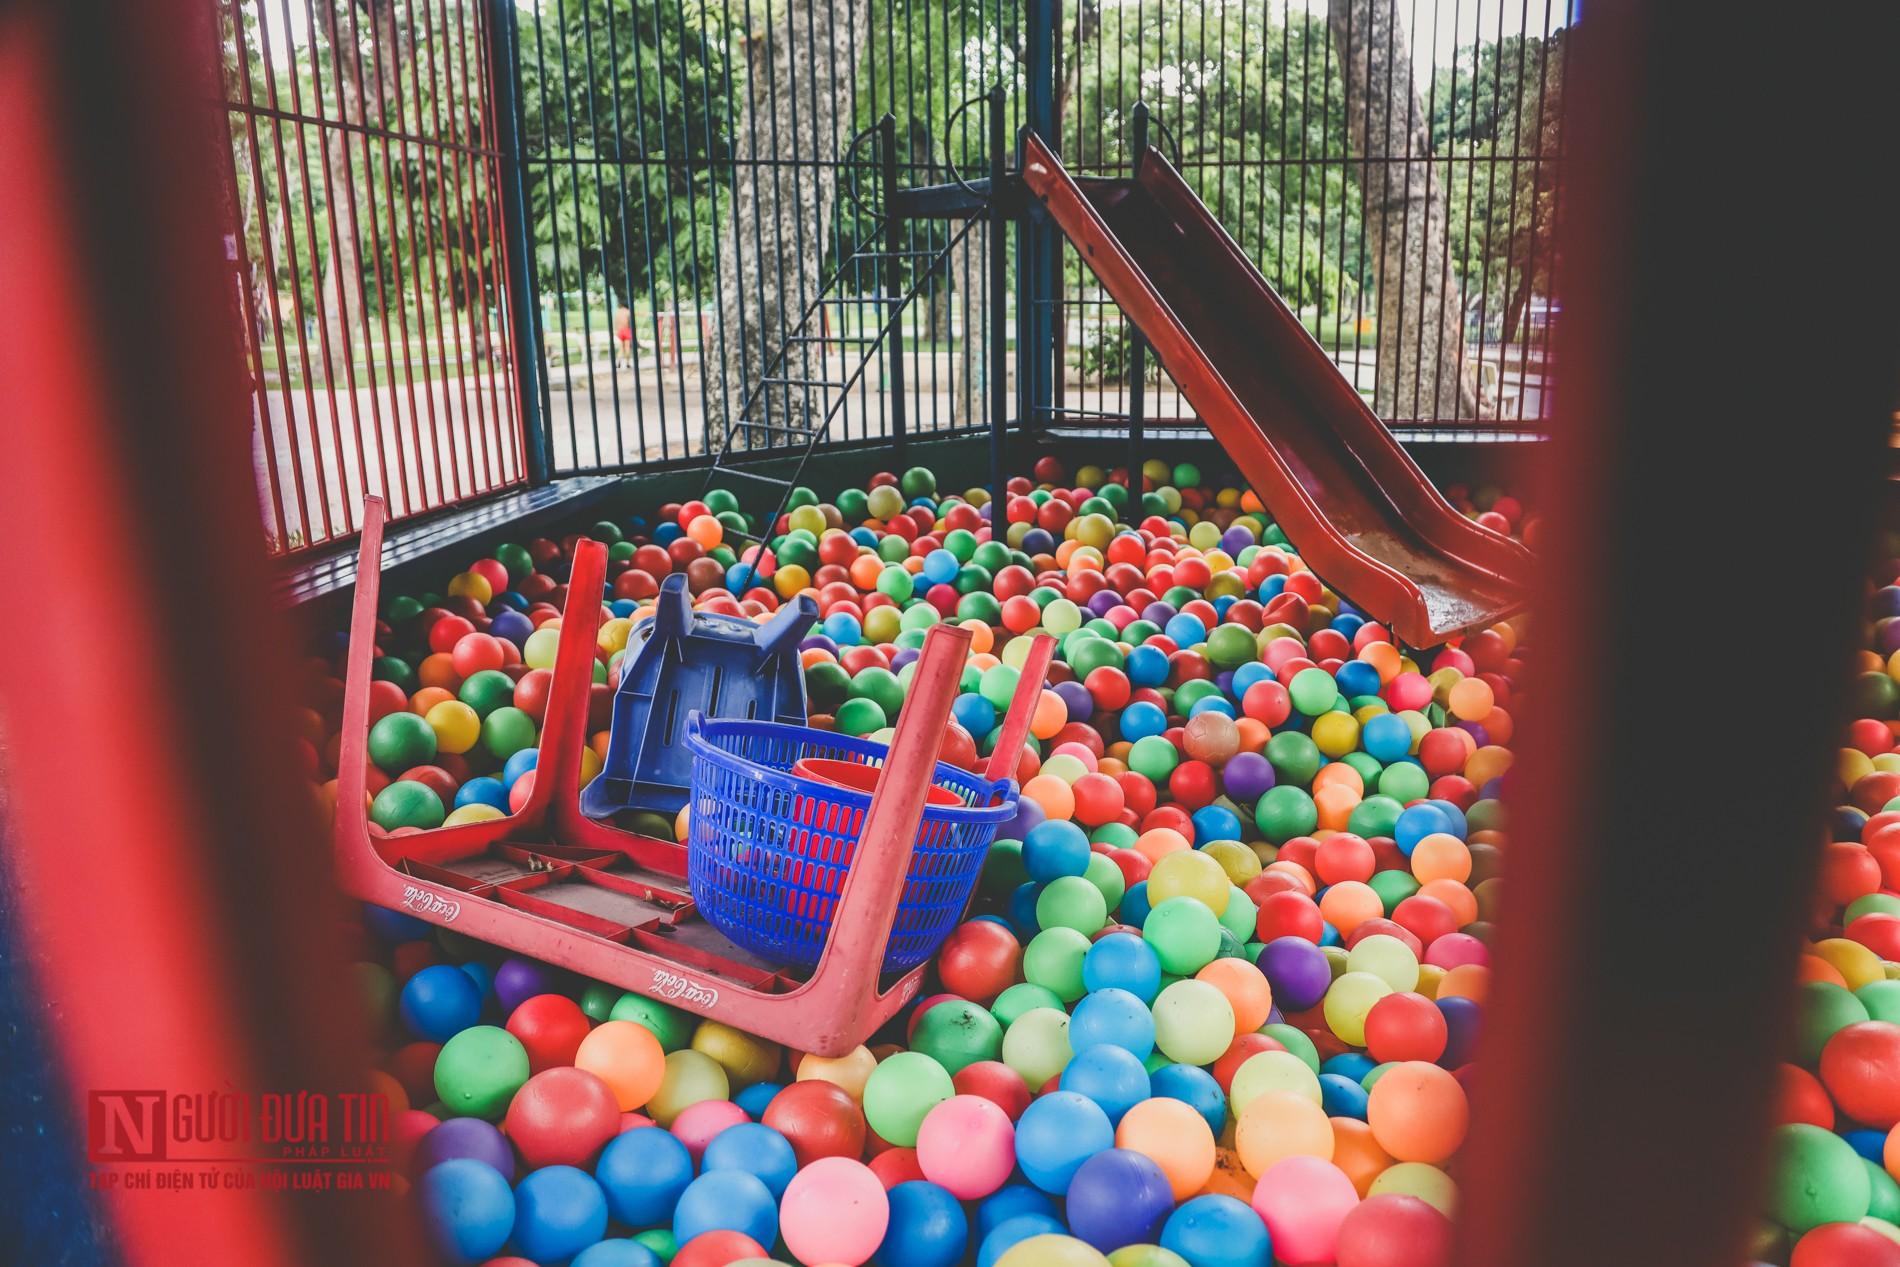 Hà Nội: Xót xa những hạng mục vui chơi cho trẻ xuống cấp, hư hỏng tại công viên Thống Nhất-8